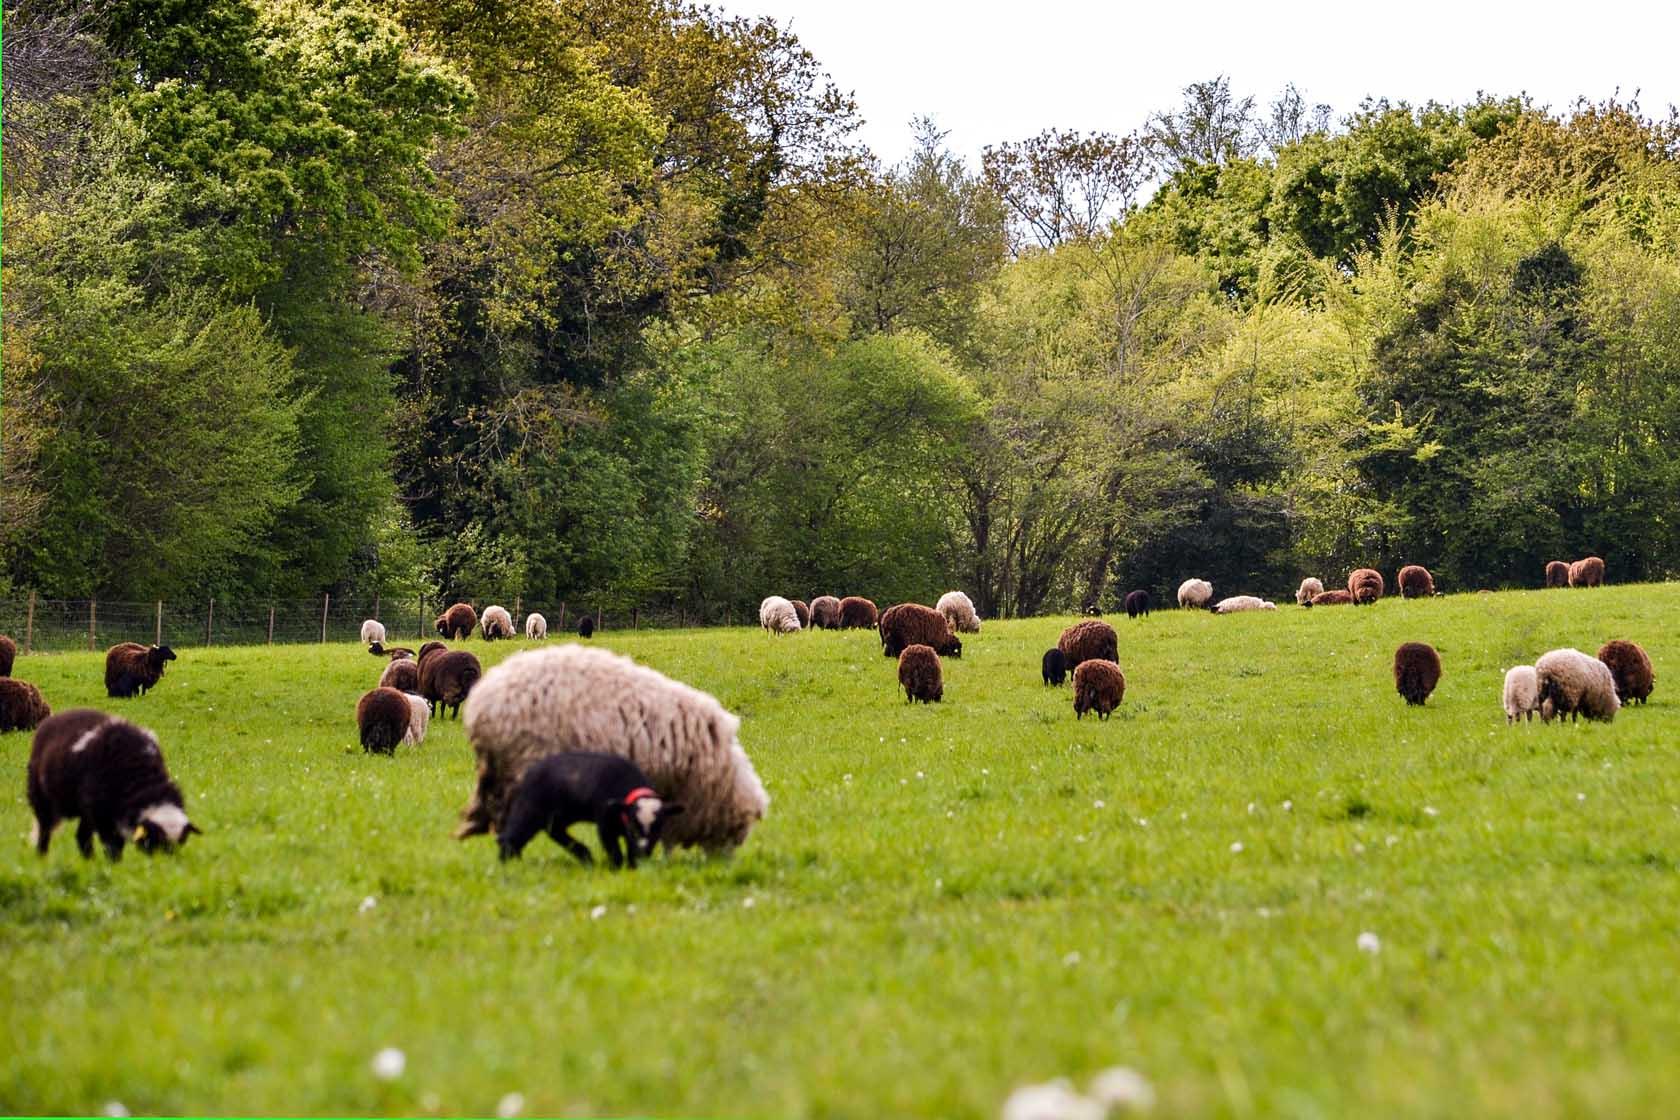 Élevage de moutons des Landes - Plogonnec, Finistère